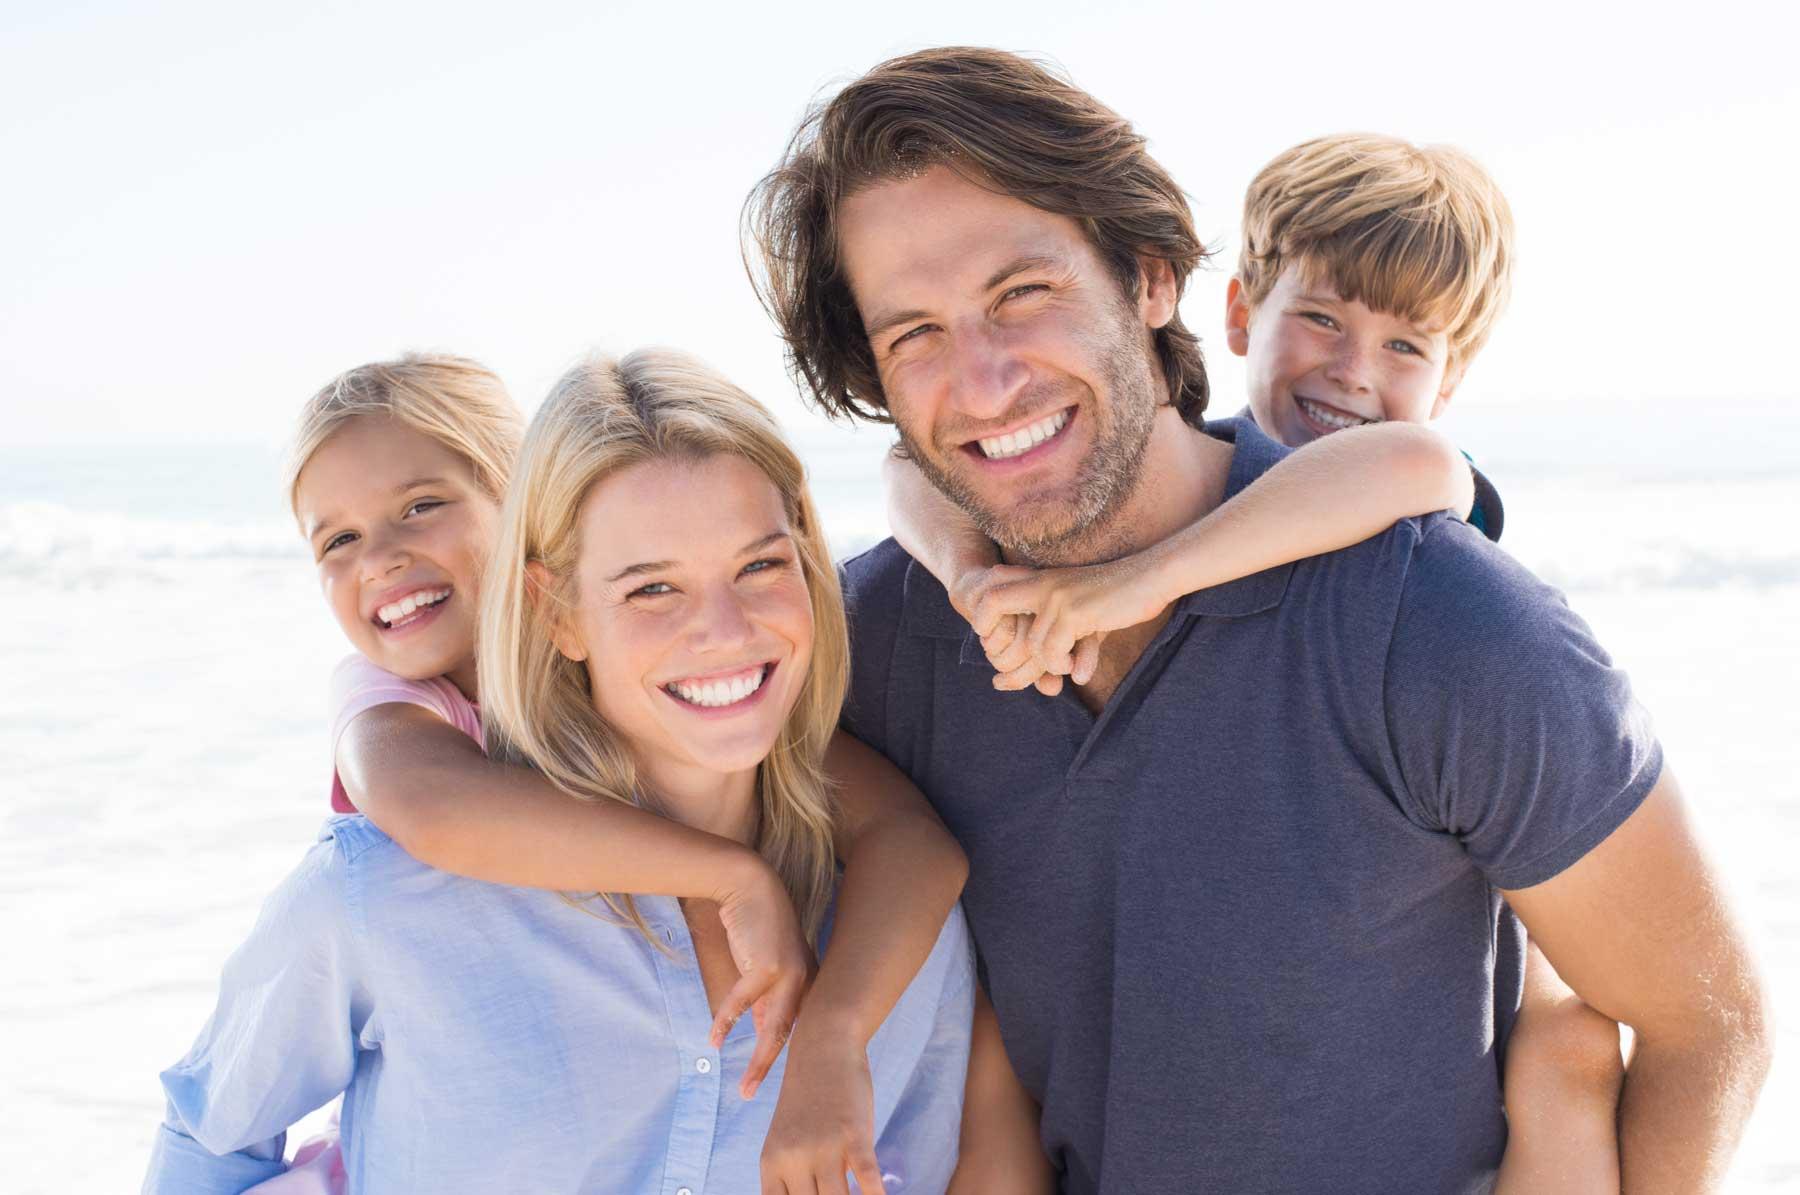 savjetovanje za upoznavanje parova koja je zakonska dobna granica za izlazak u louisiana